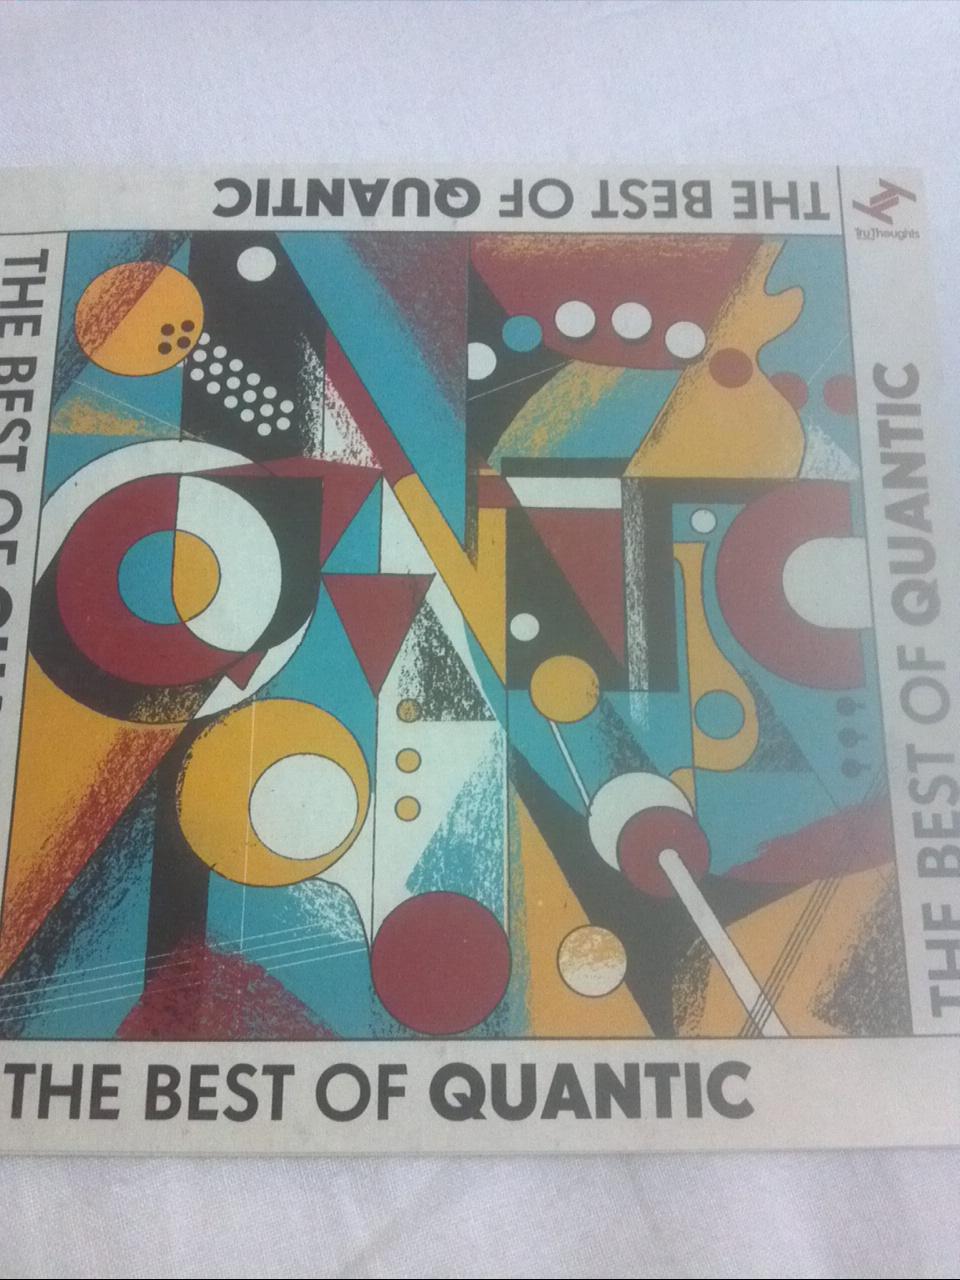 Quantic;The best of Quantic